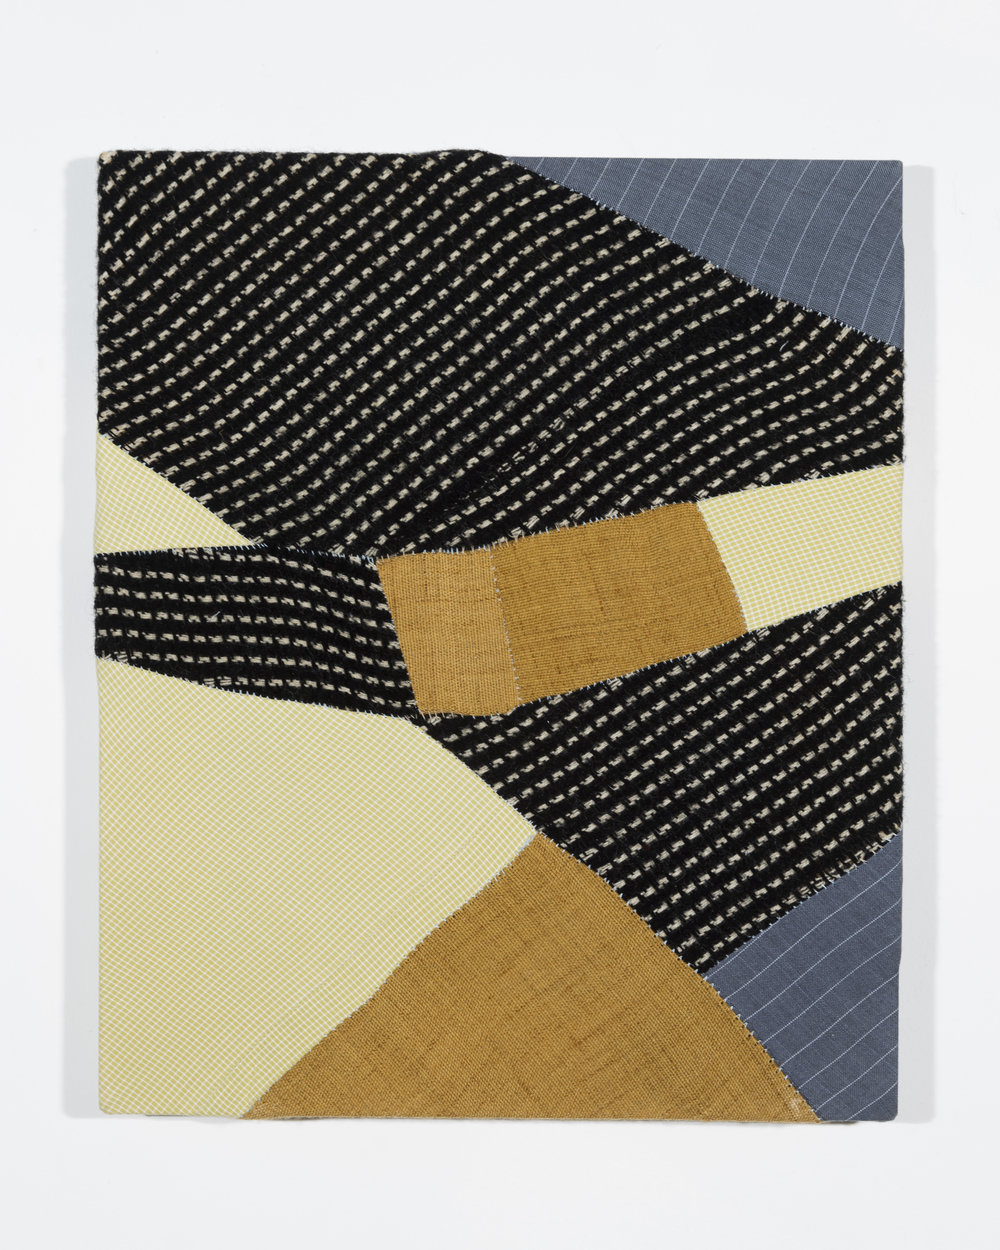 047-Bruno Smith.jpg